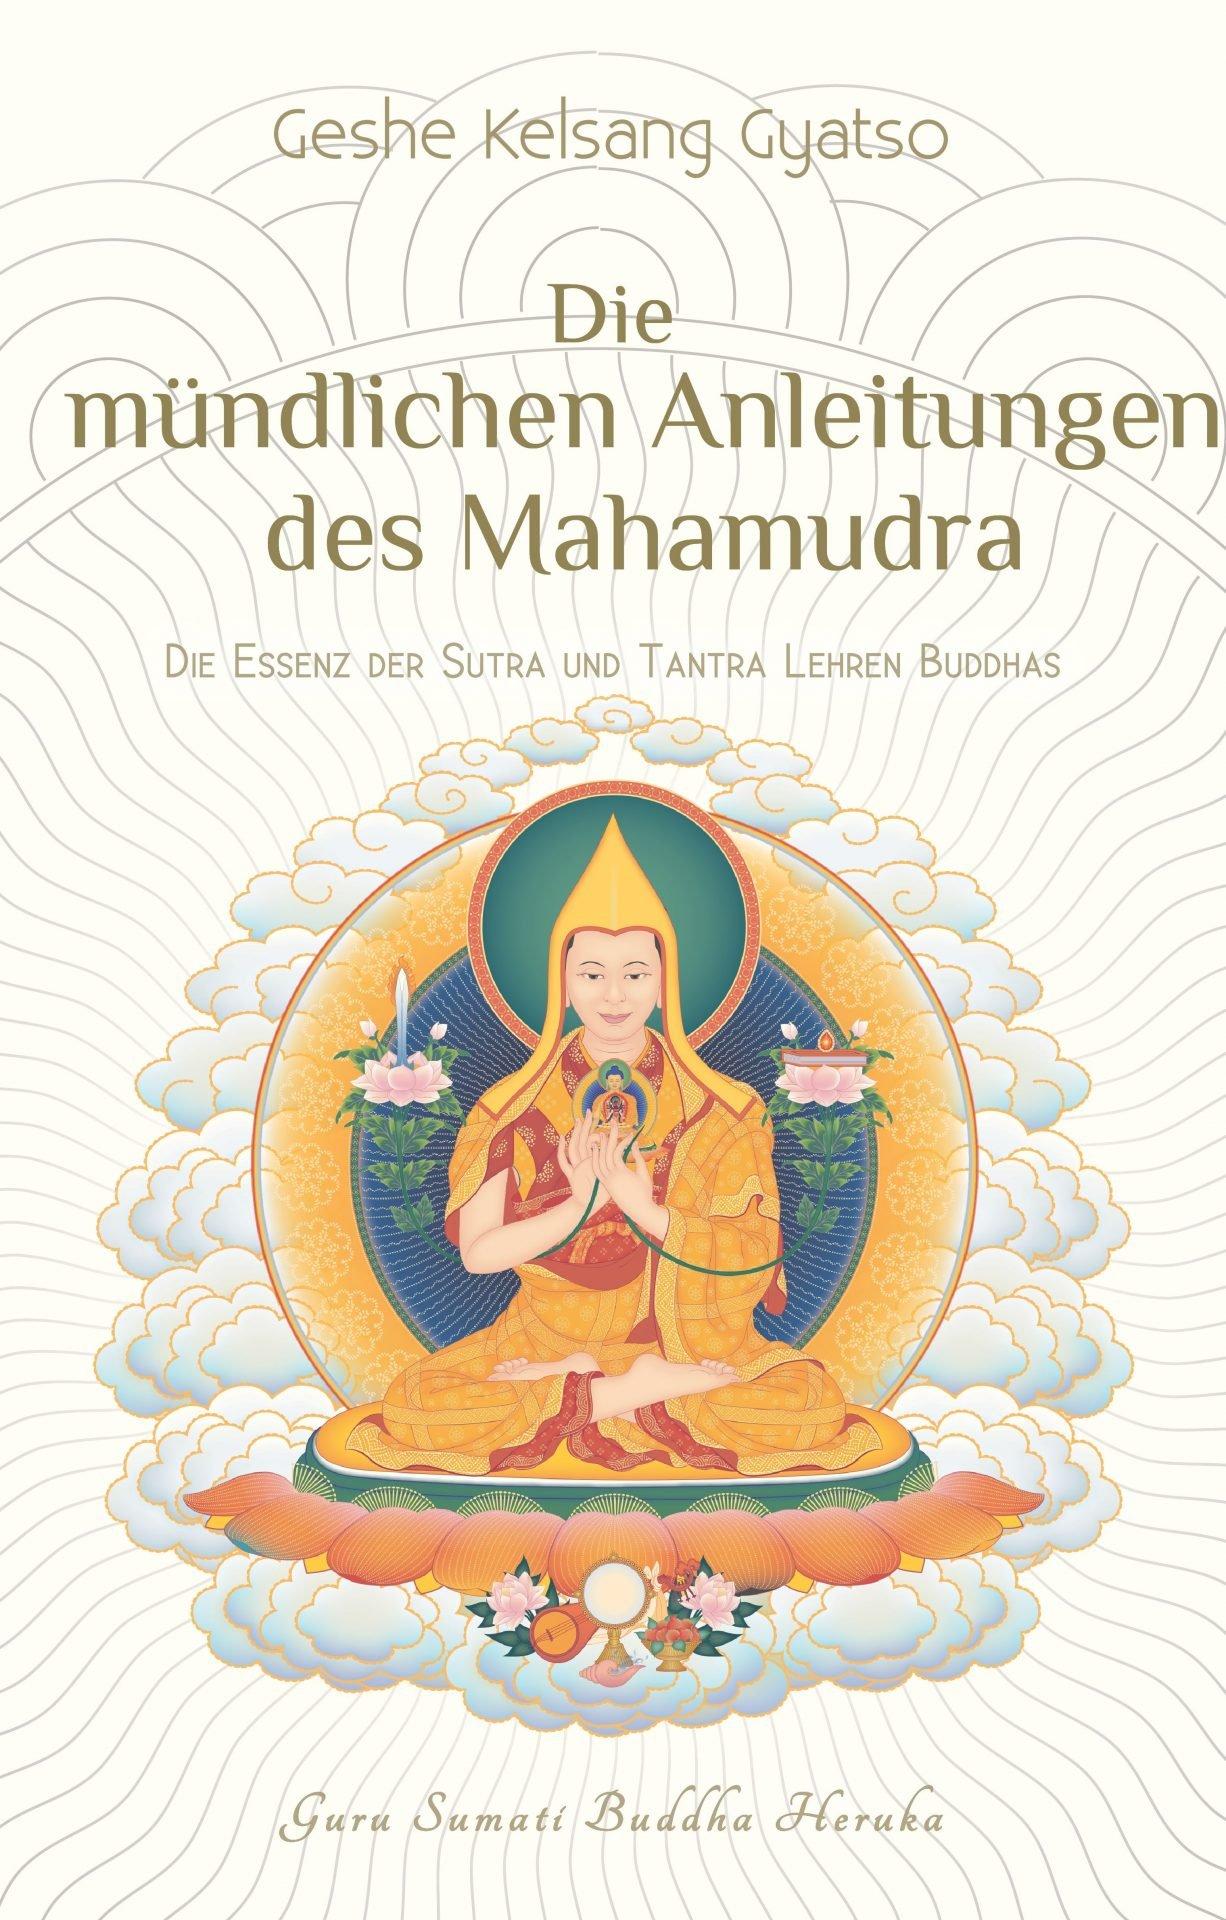 Buch-die-mündlichen-anleitungen-des-mahamudra